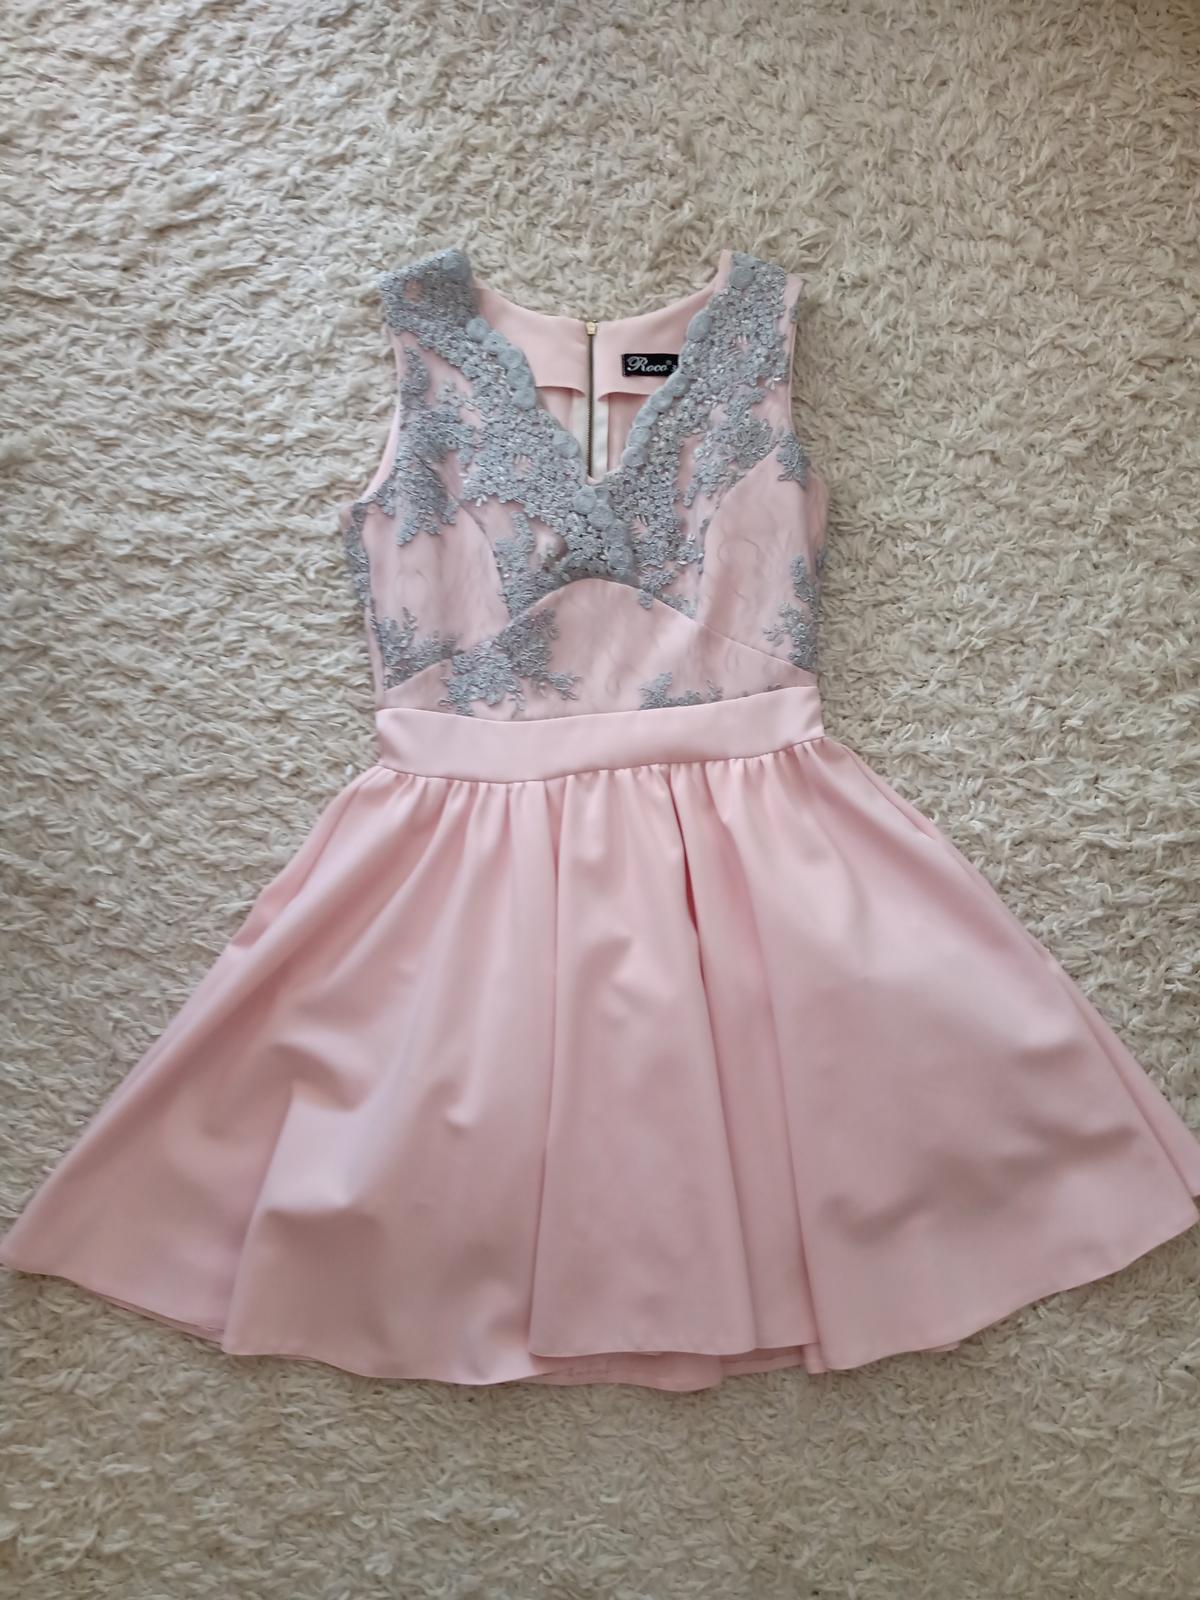 Spoločenské šaty, veľkosť 38 - Obrázok č. 1